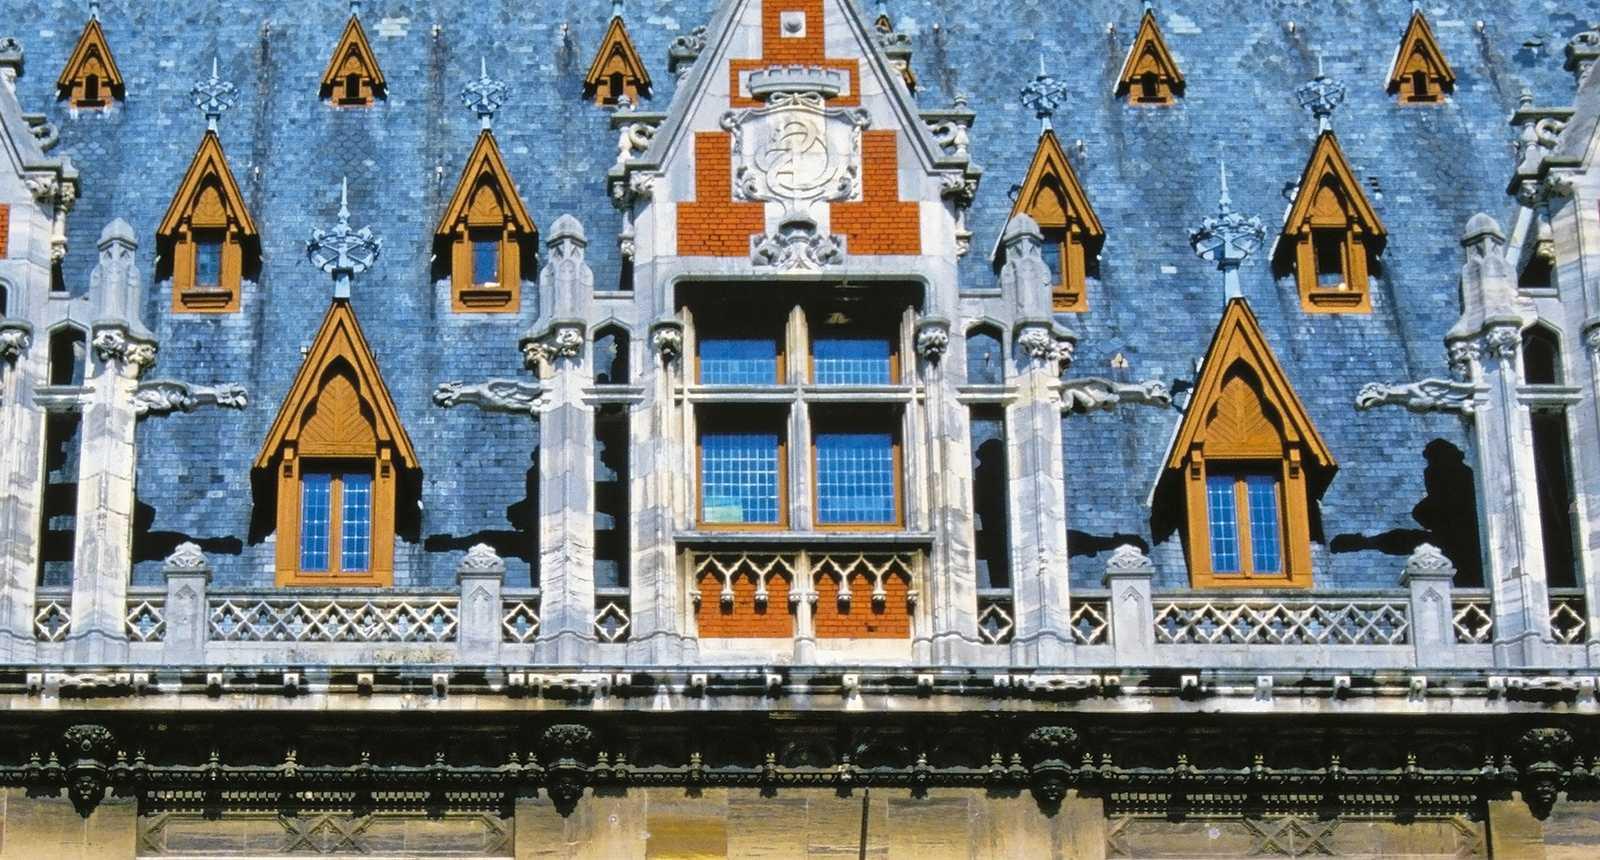 Détail de la toiture de l'Hôtel de Ville de Calais